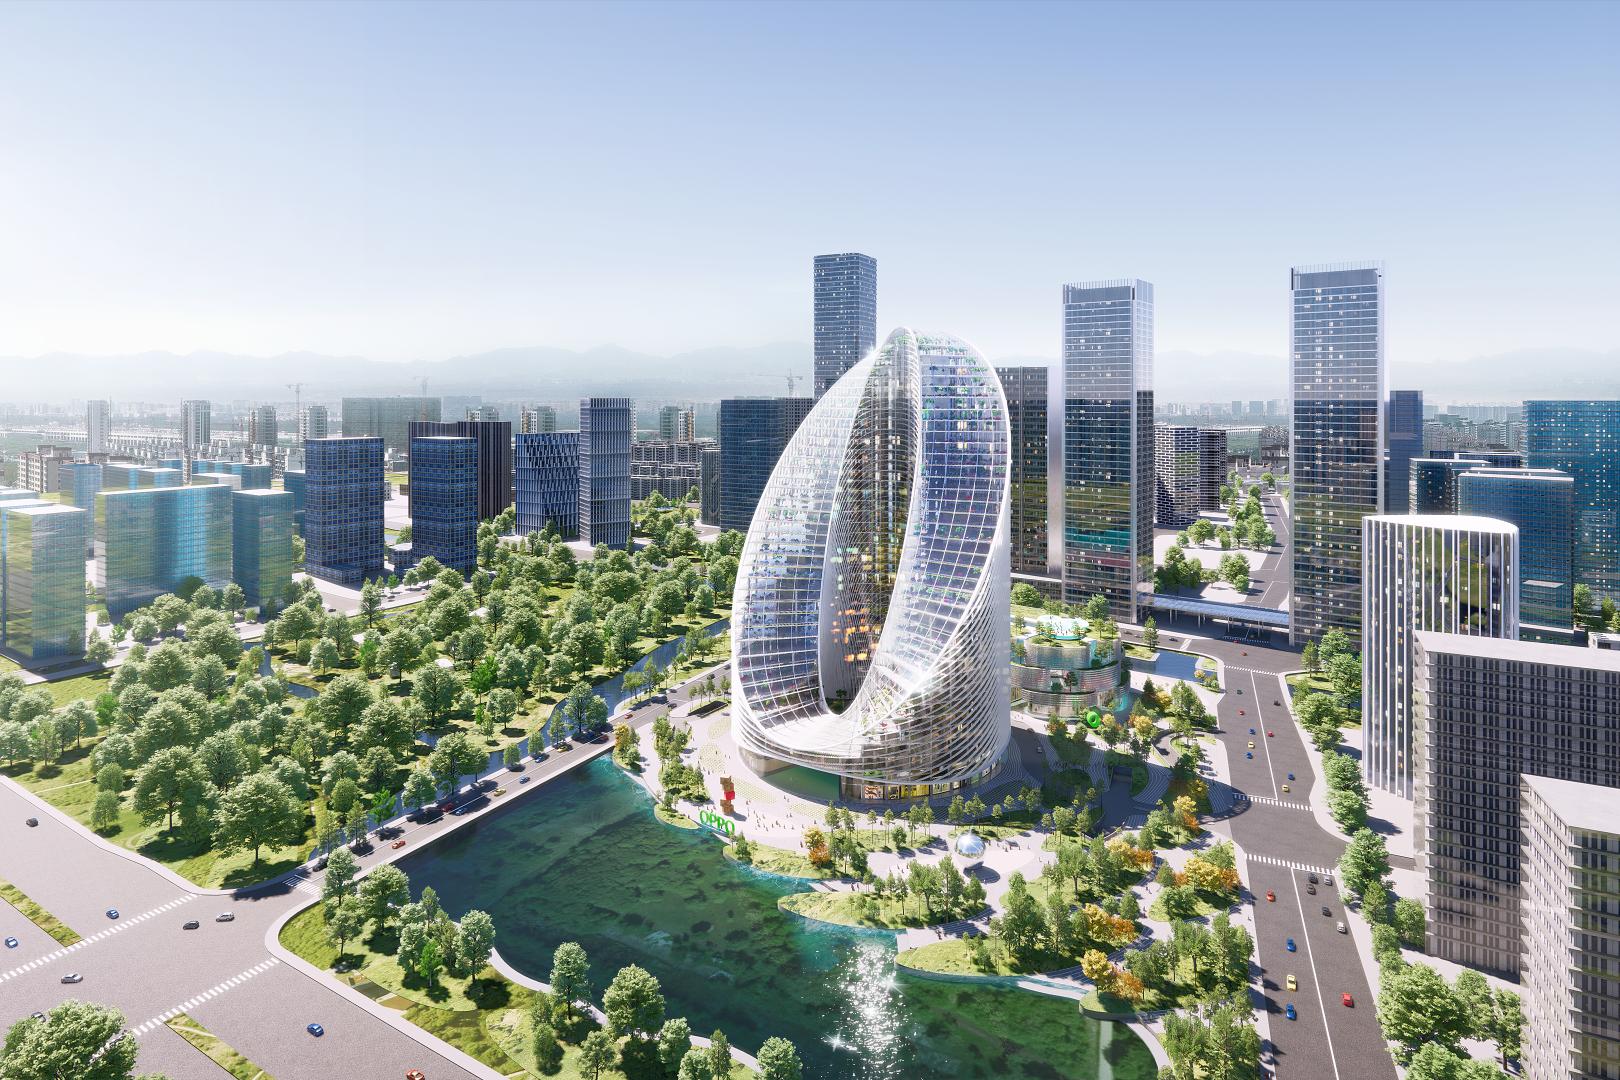 全球研发总部落户未来科技城,绿厂果然大手笔